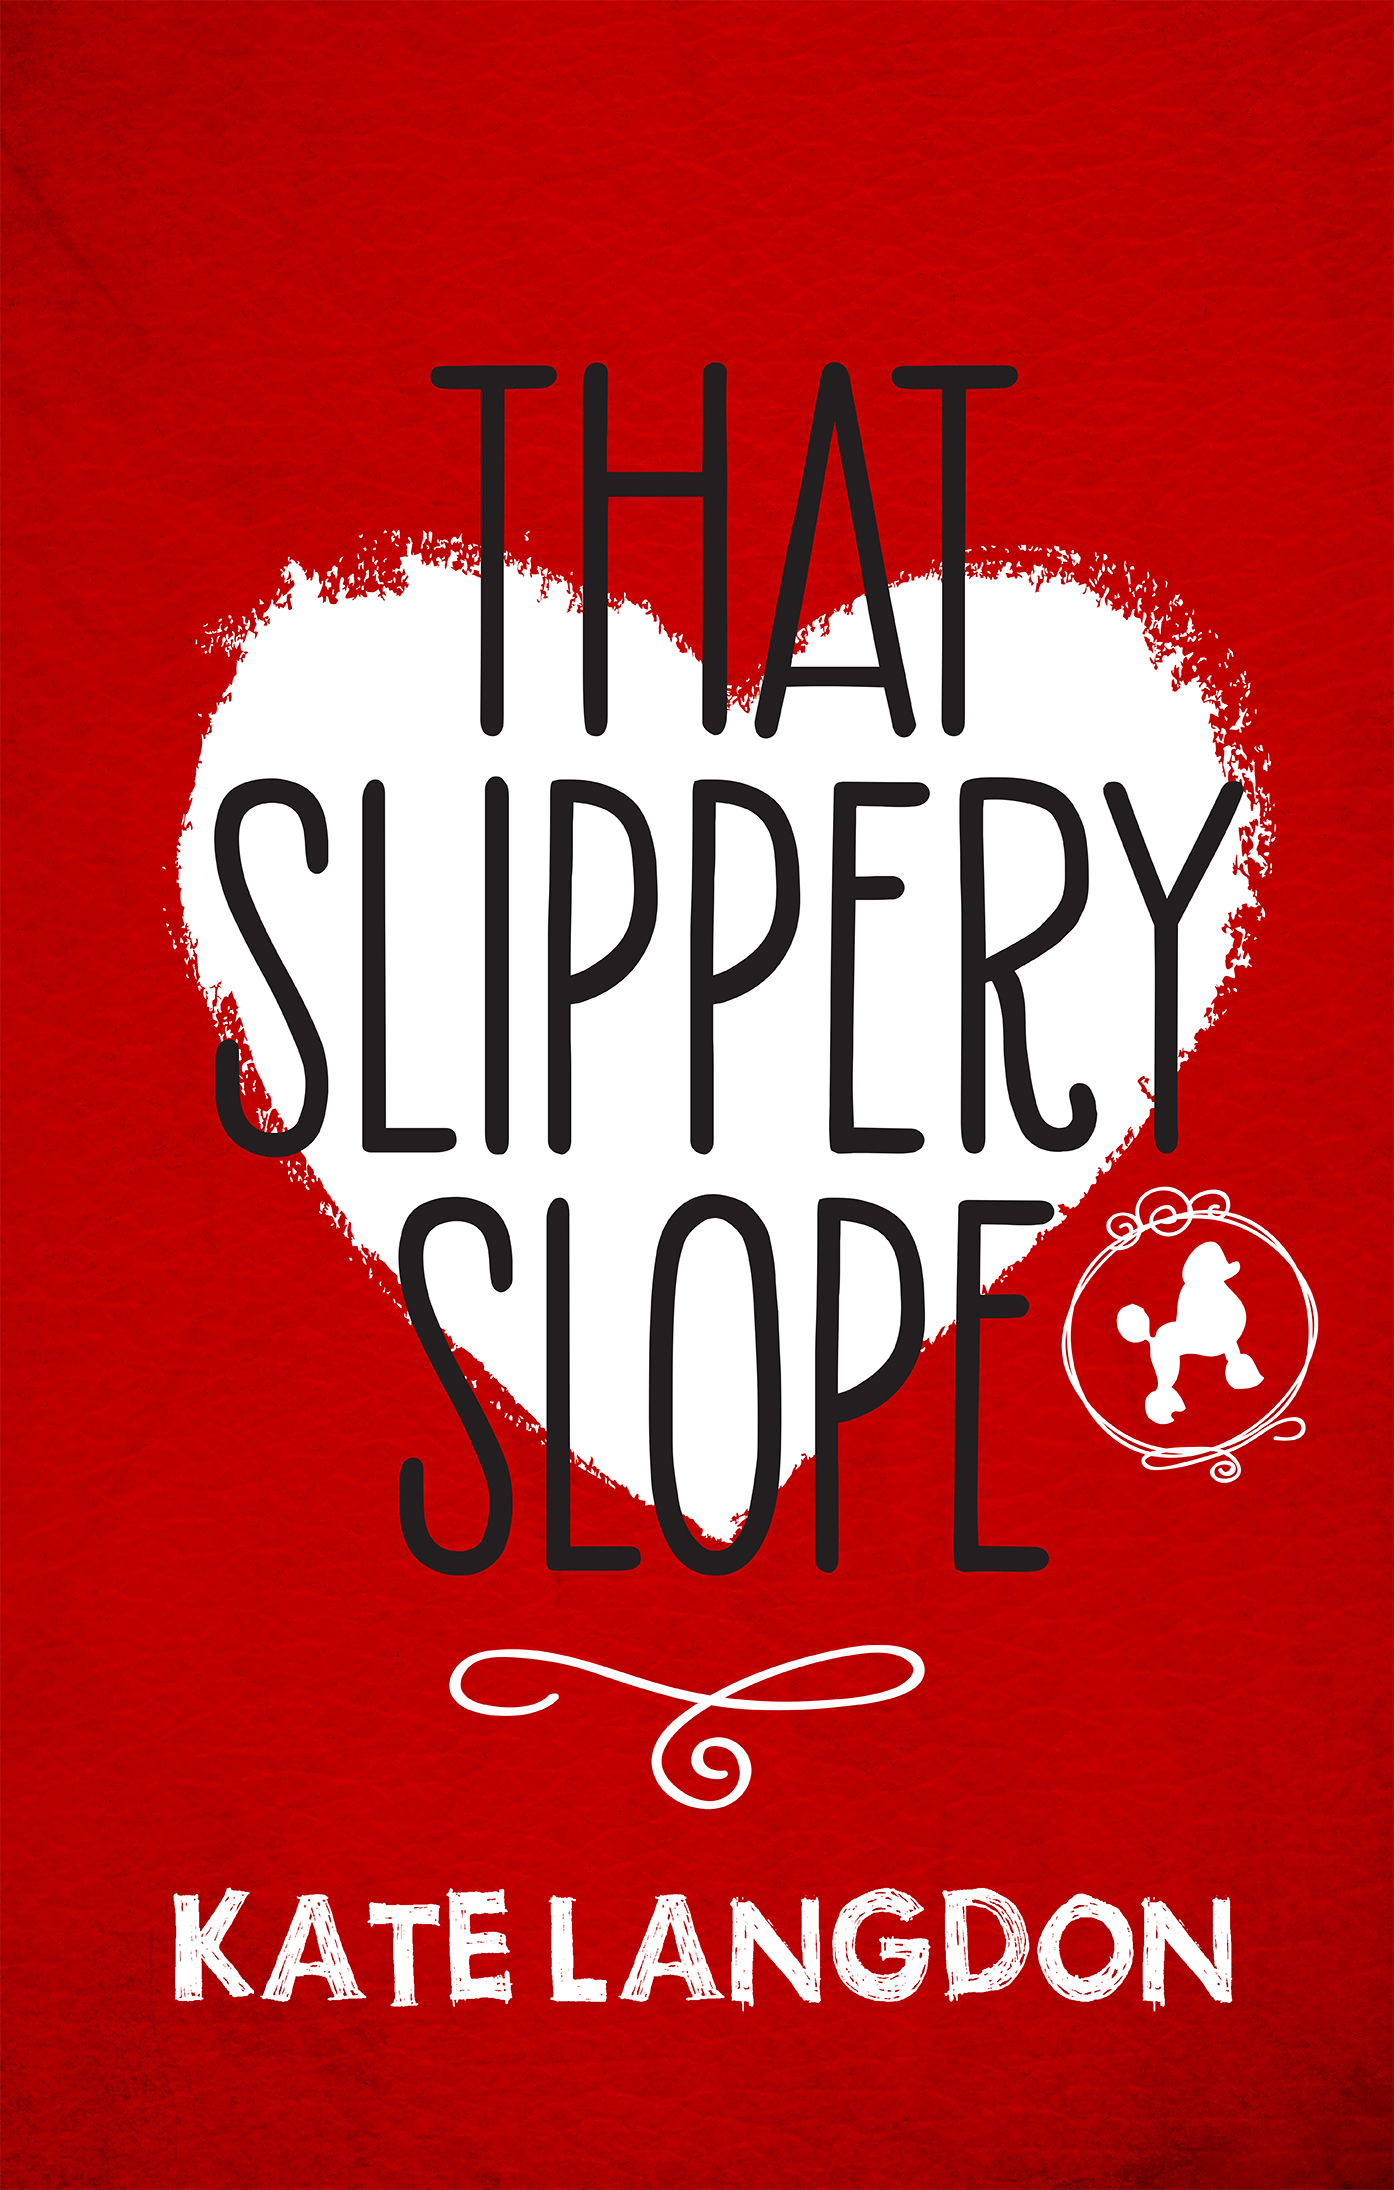 KL_SLIPPERY SLOPE.jpg